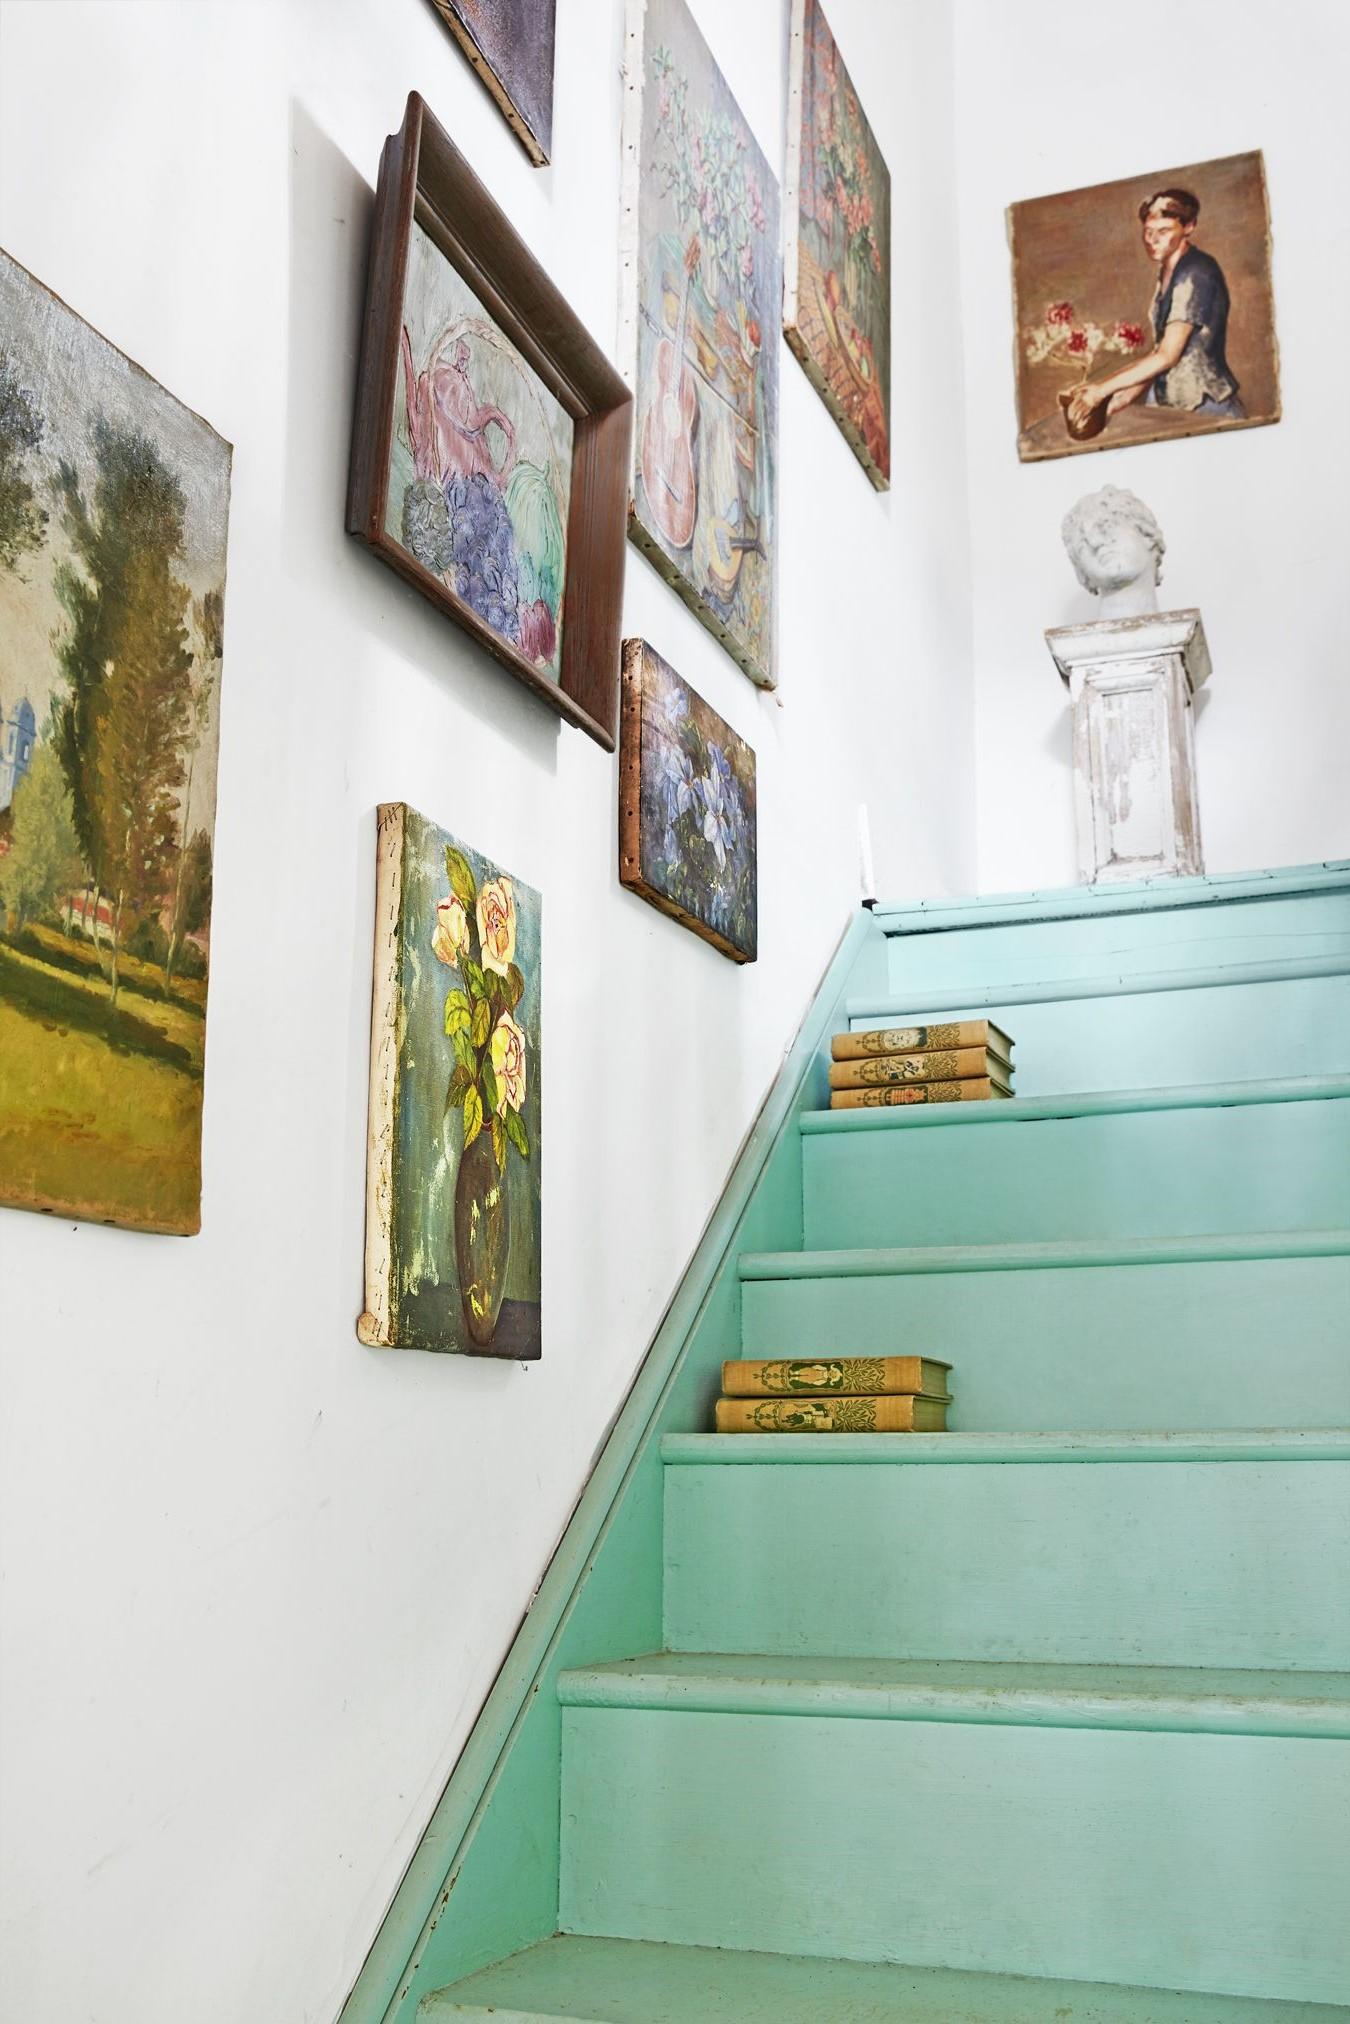 Avant de repeindre l'escalier: Une fois les escaliers nettoyés, rincez-les avec un chiffon imbibé d'eau claire.